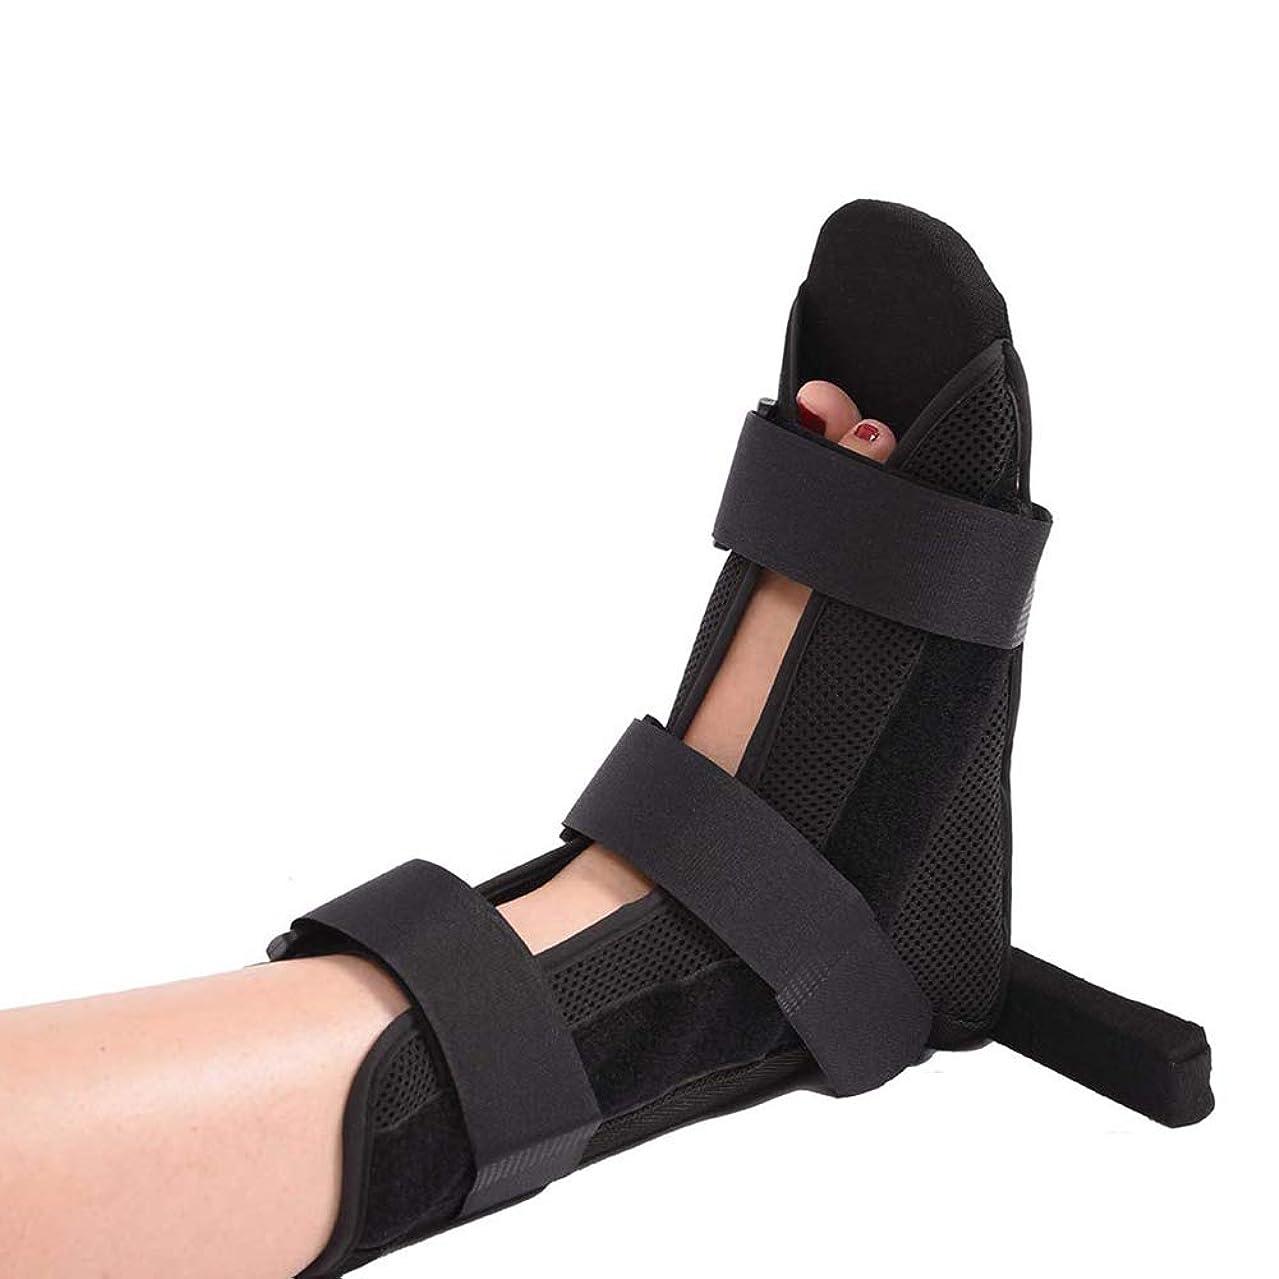 地元竜巻規模足首ブレースウォーキングブーツ-骨折した足首整形ソフトウォーカー-足の捻rain負傷